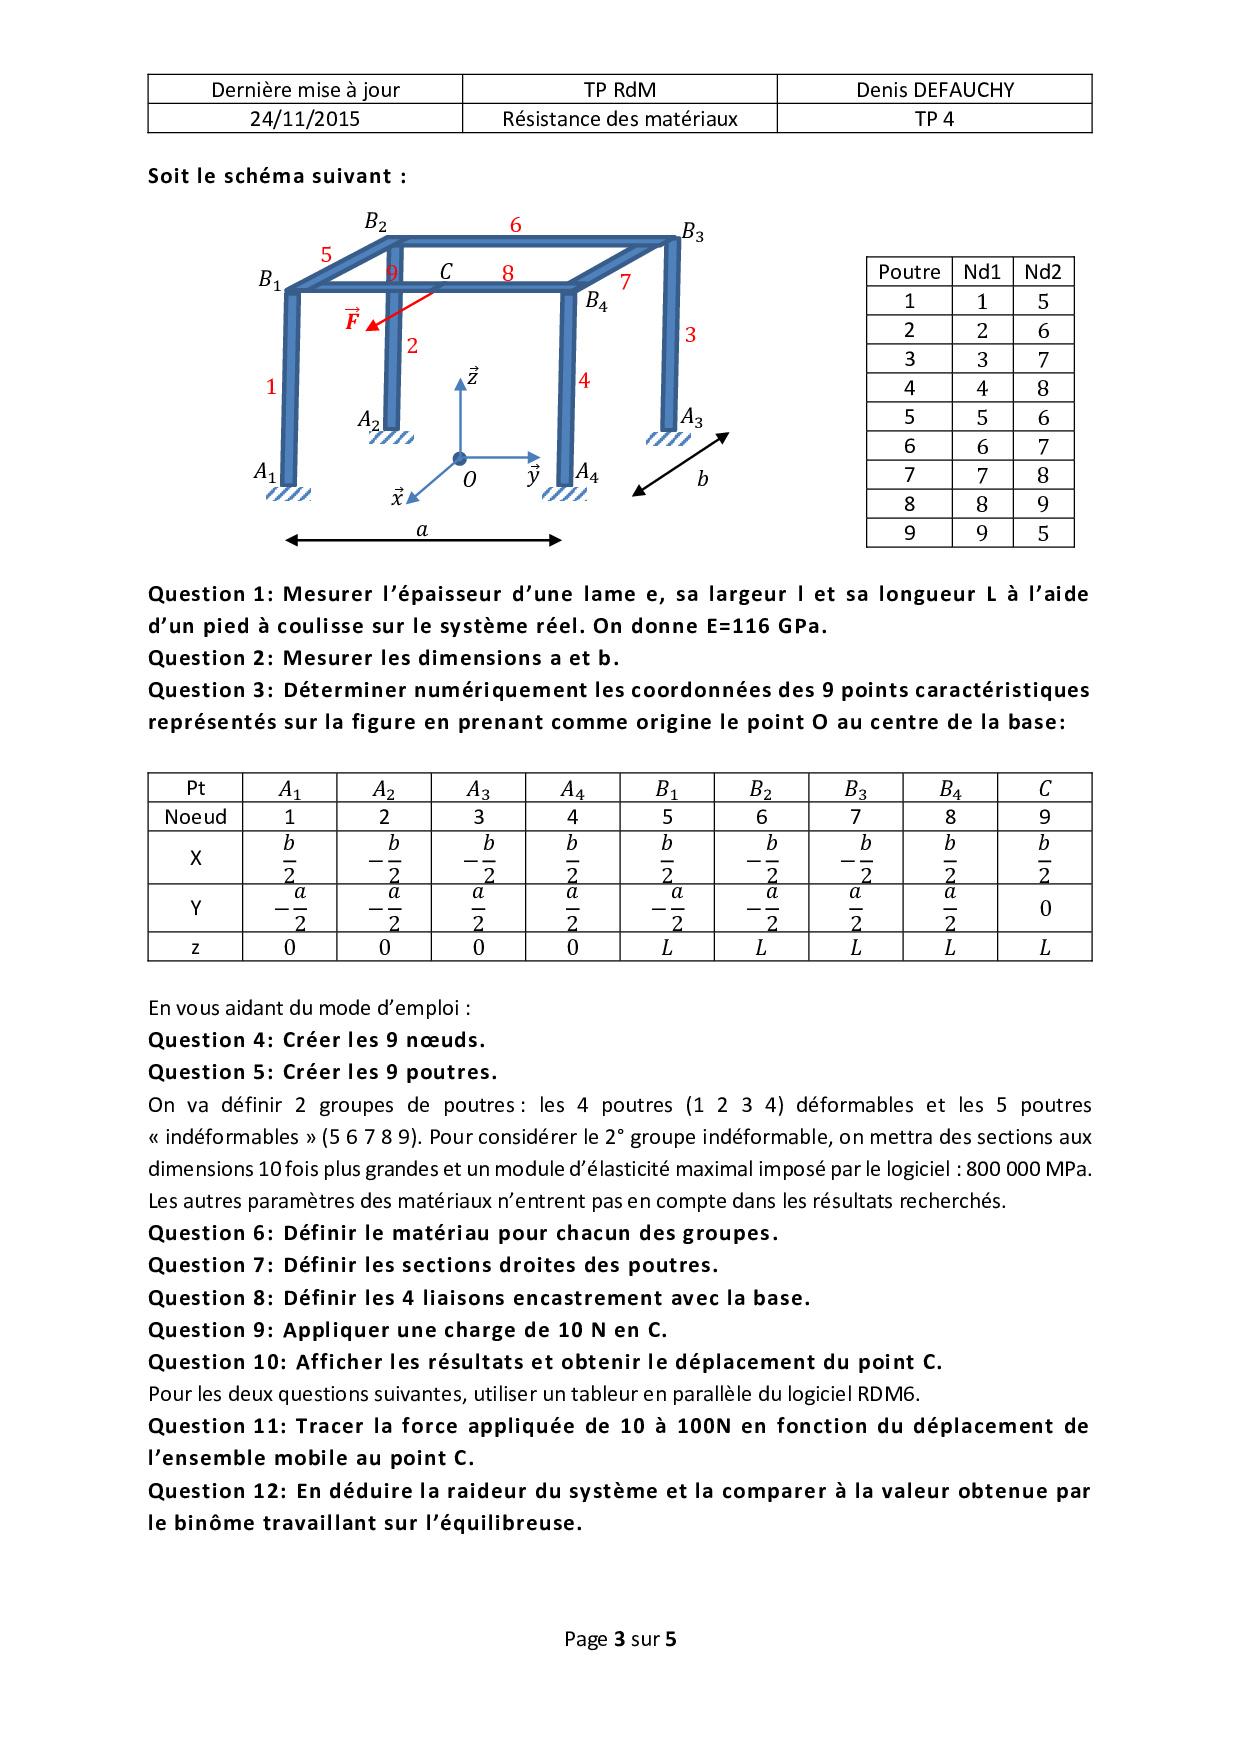 EMPLACEMENT DEFINITION TÉLÉCHARGER GRATUITEMENT BUS INTERNE HIGH 65535 AUDIO